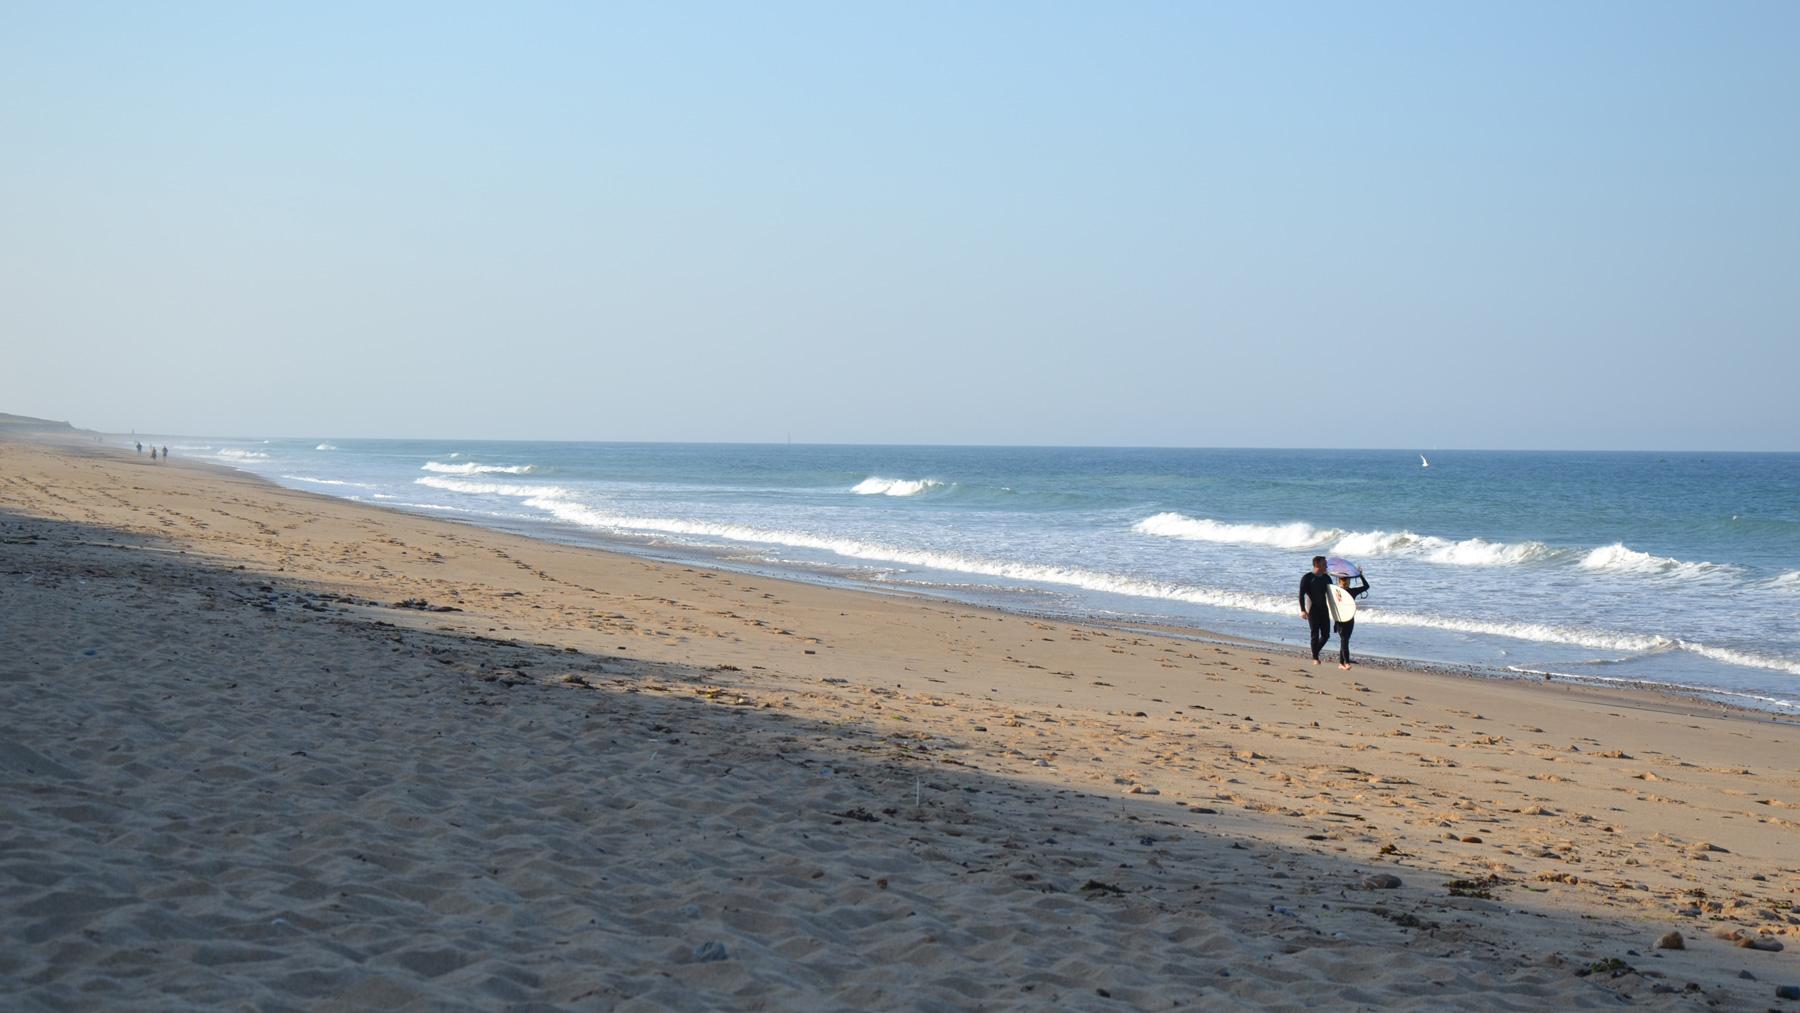 Urlaub zum SUP Surfing an der französischen Atlantikküste